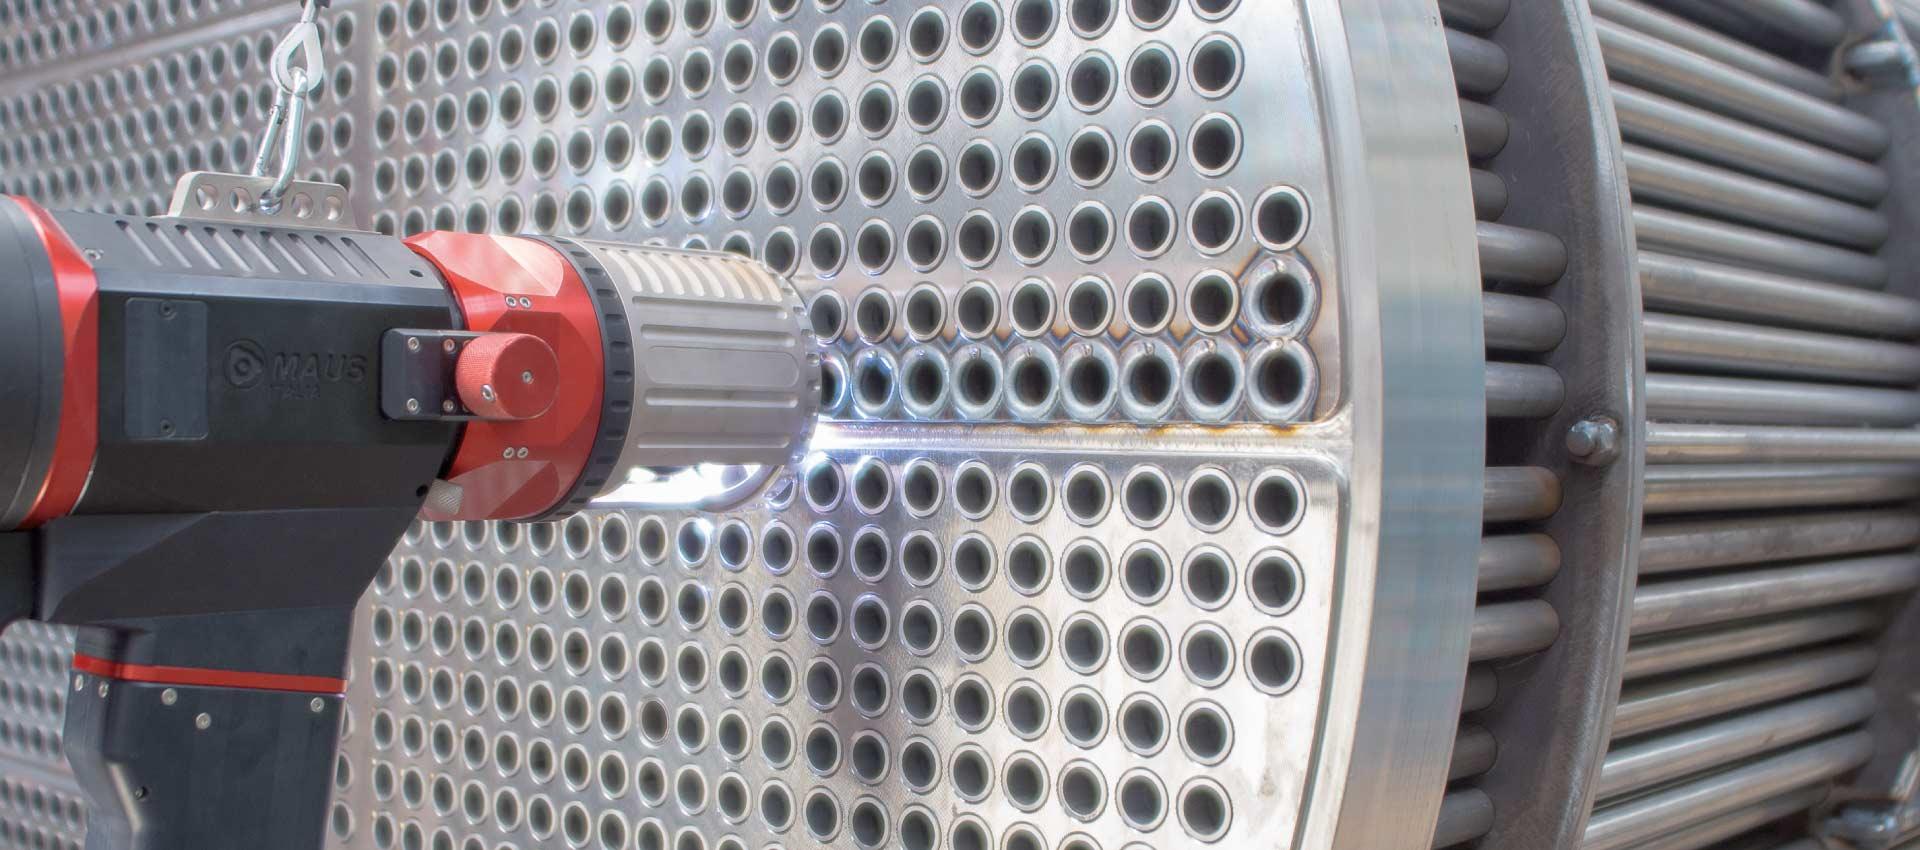 Сварочное оборудование для труб и трубных решеток теплообменных аппаратов